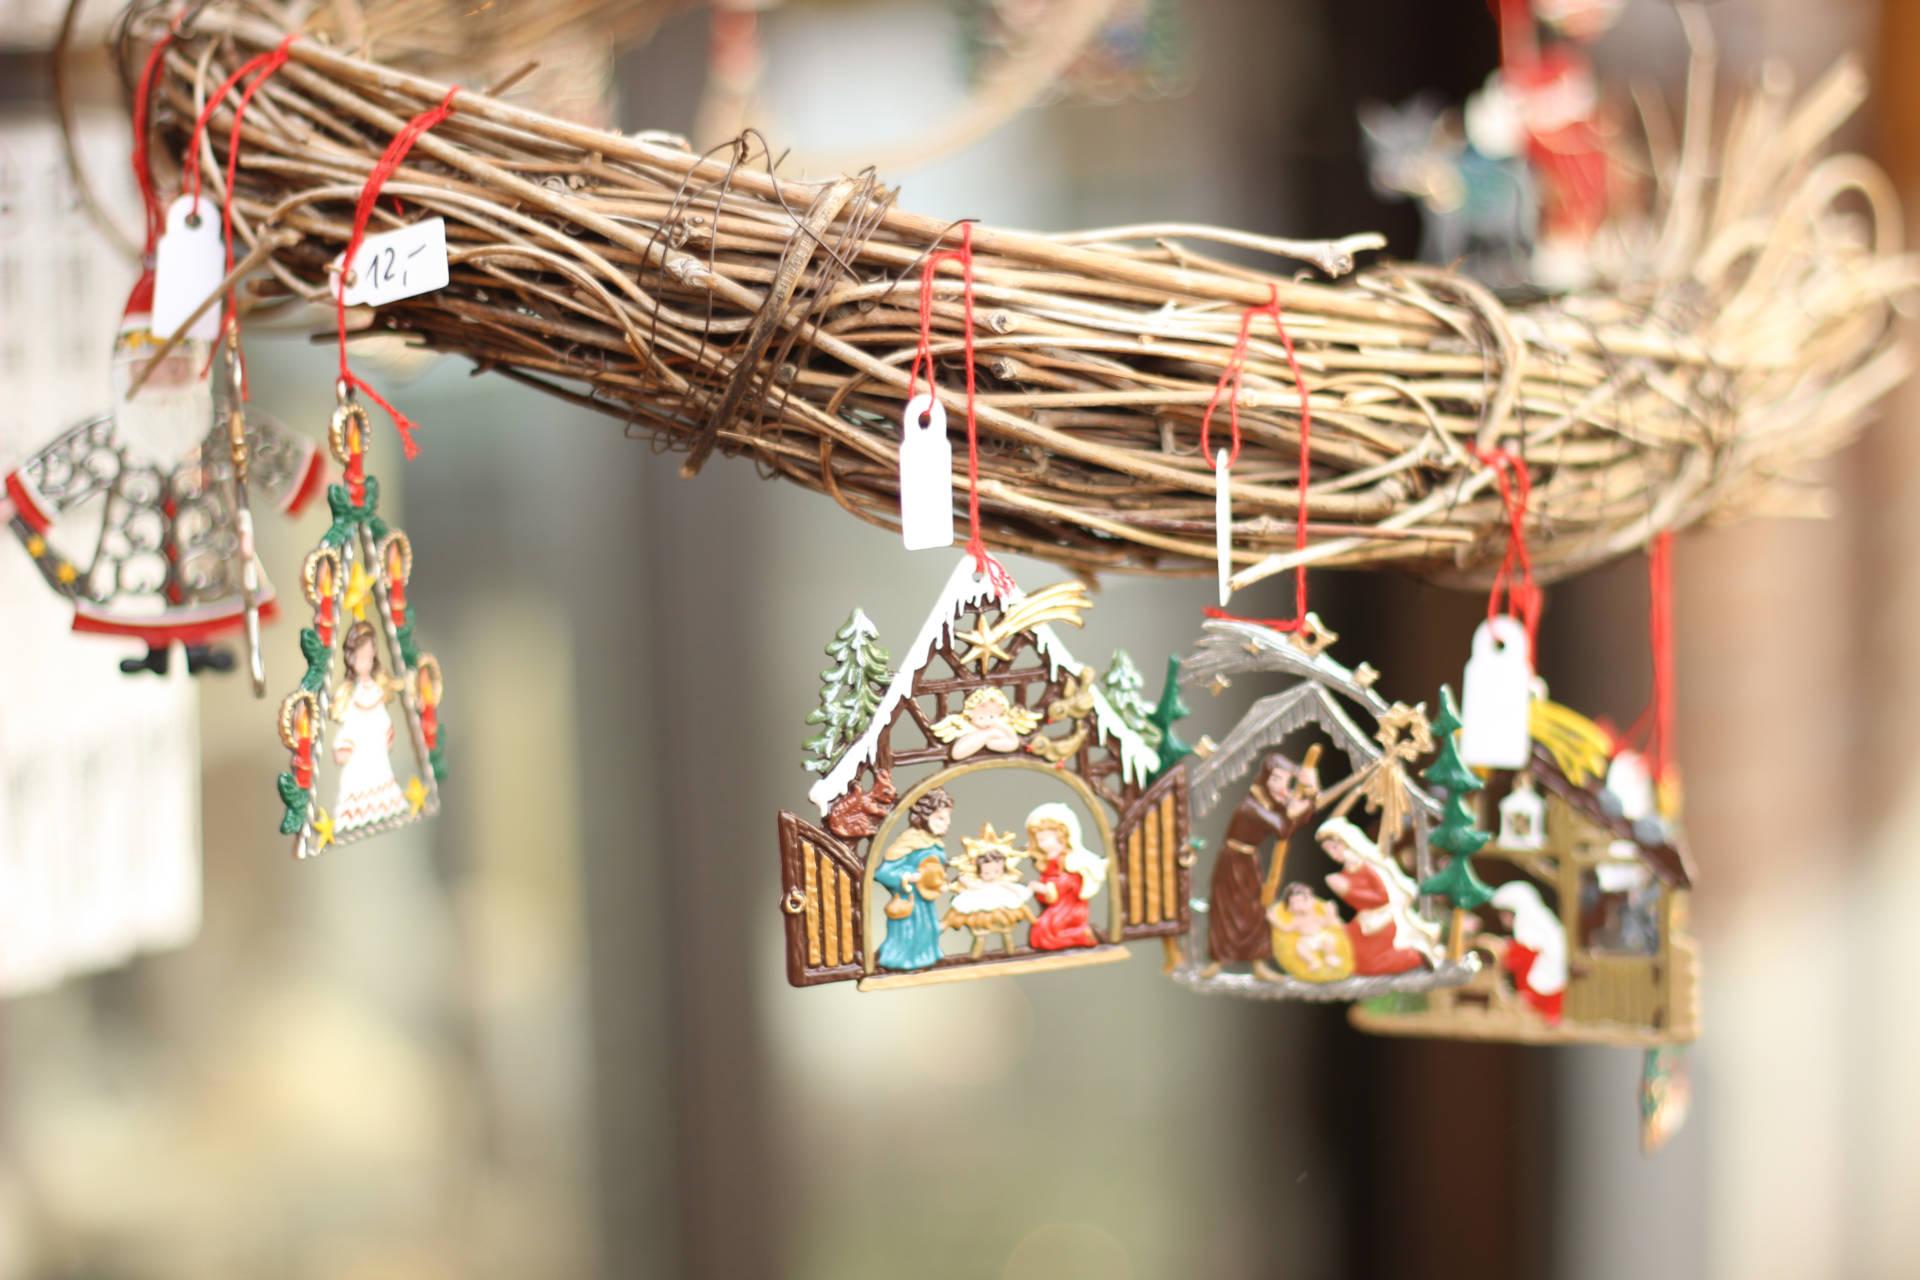 festive details